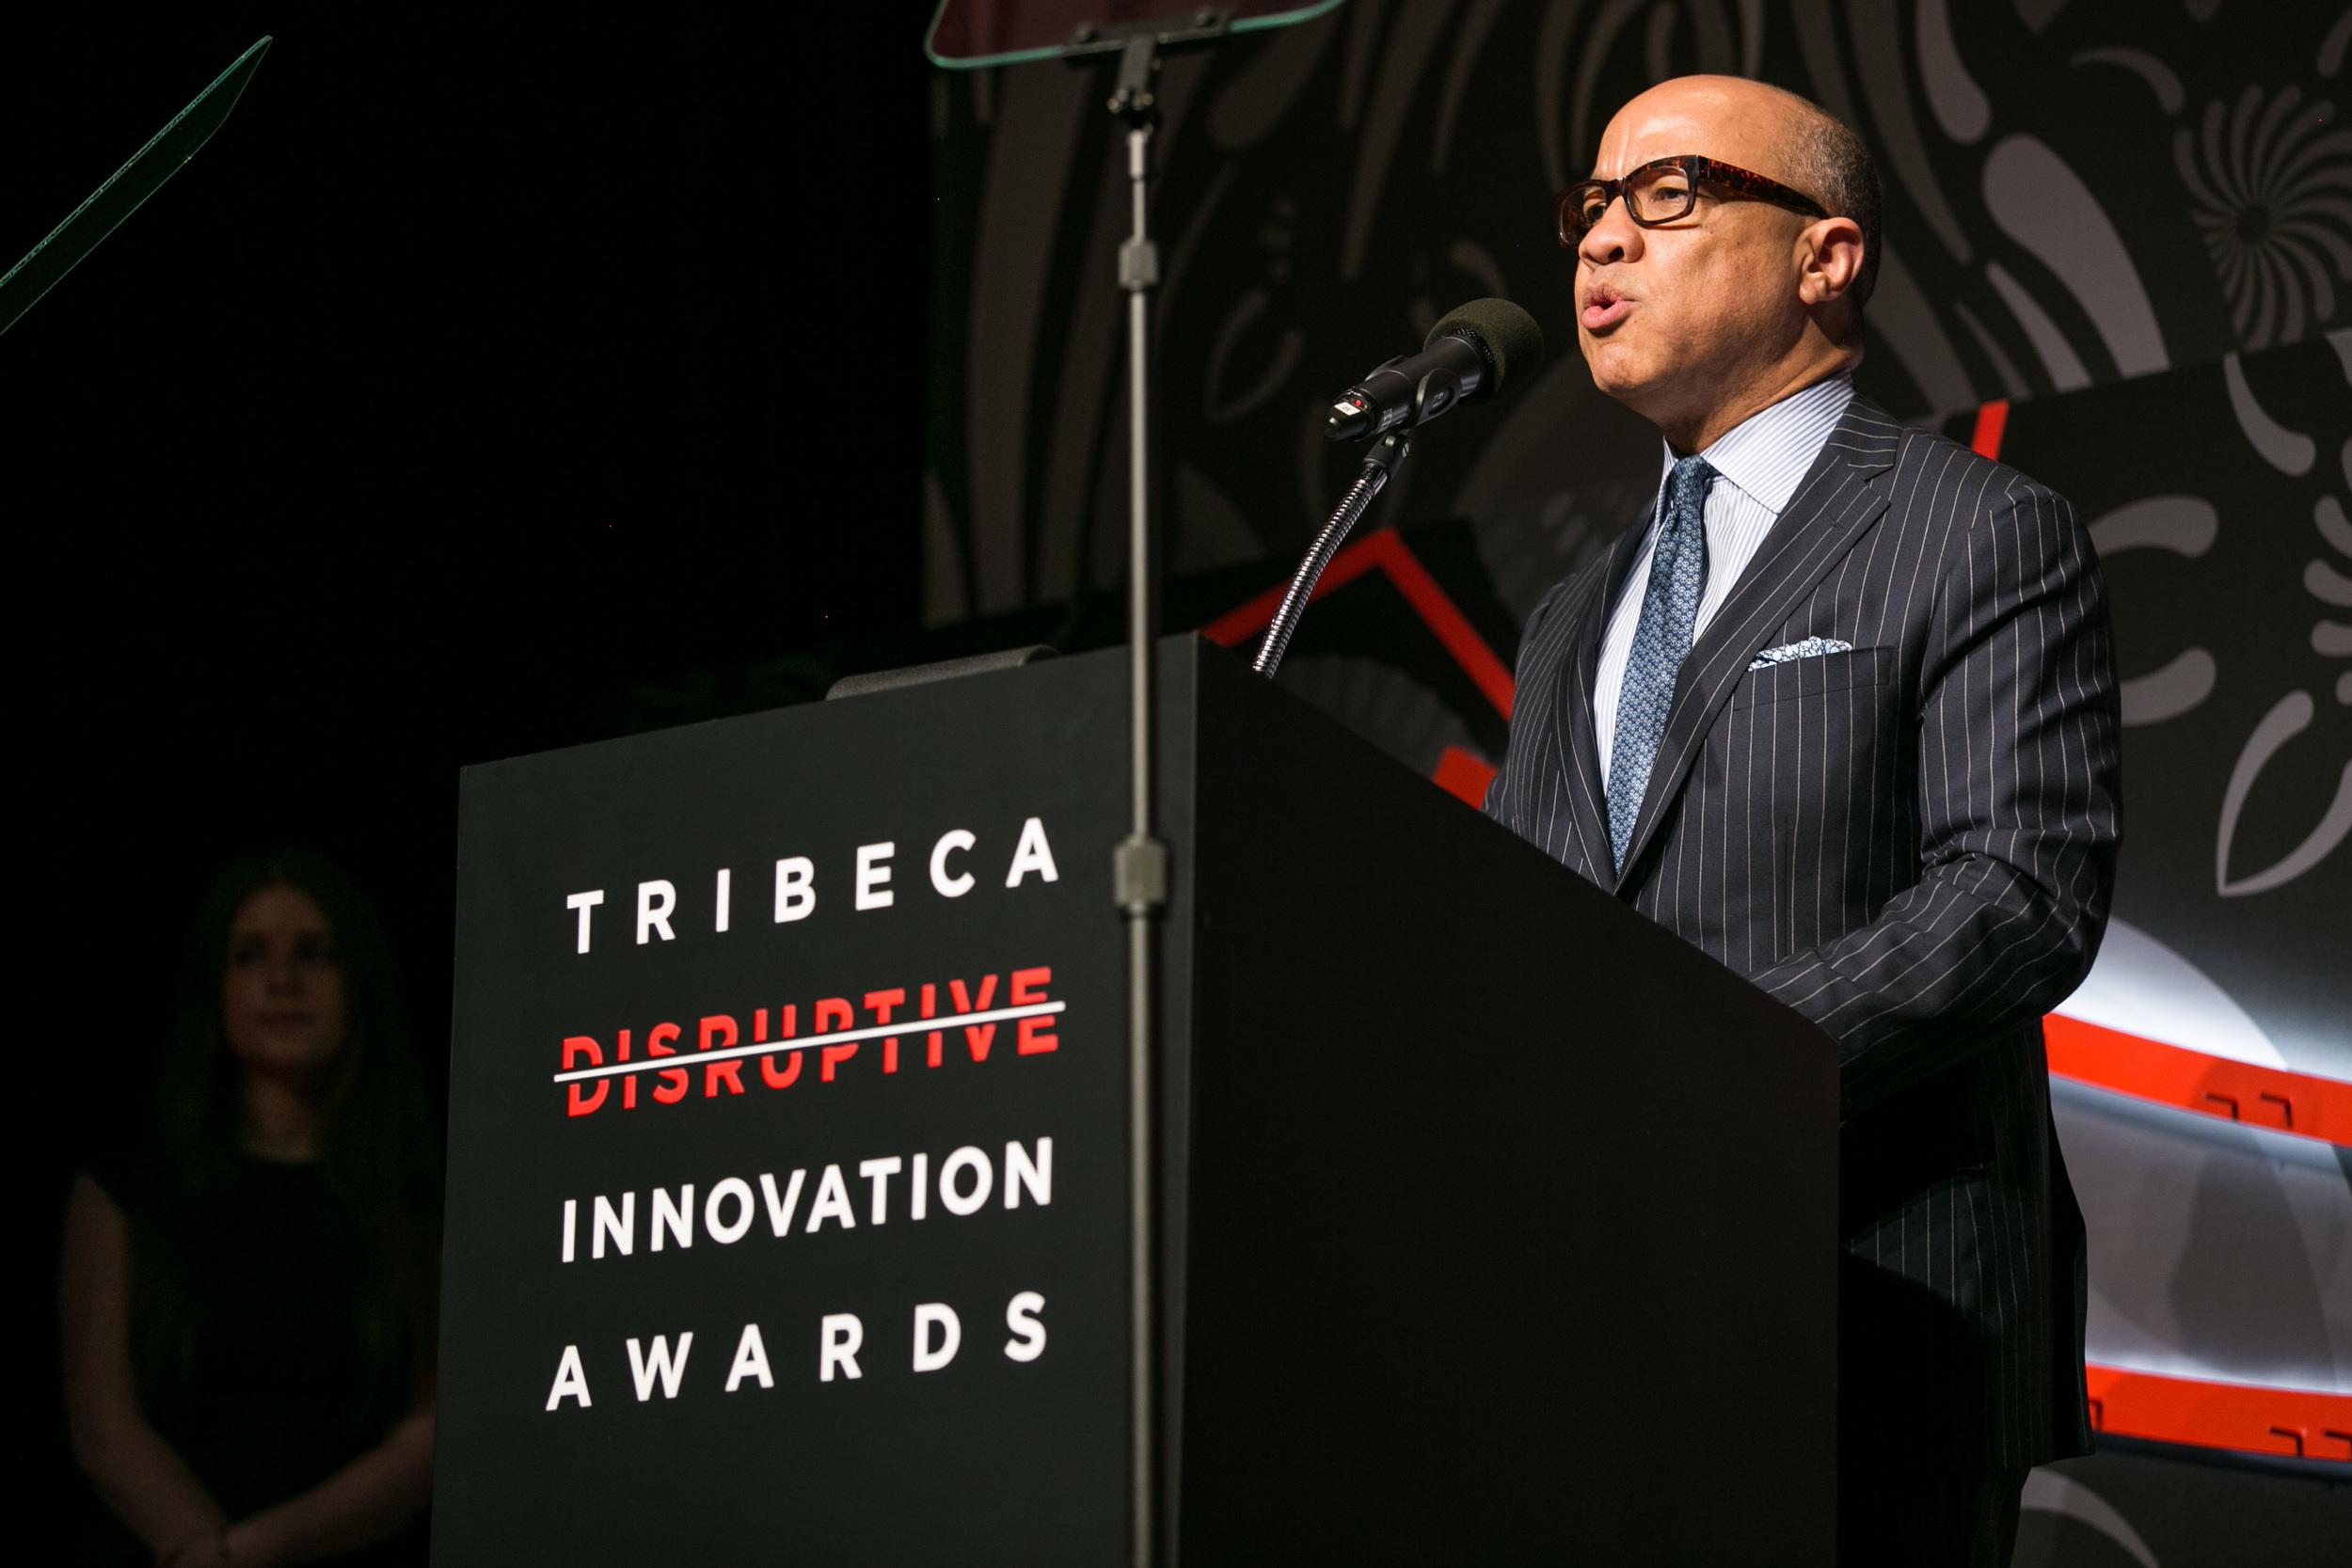 20160422-Tribeca Disruptive Innovation Awards-1215.jpg